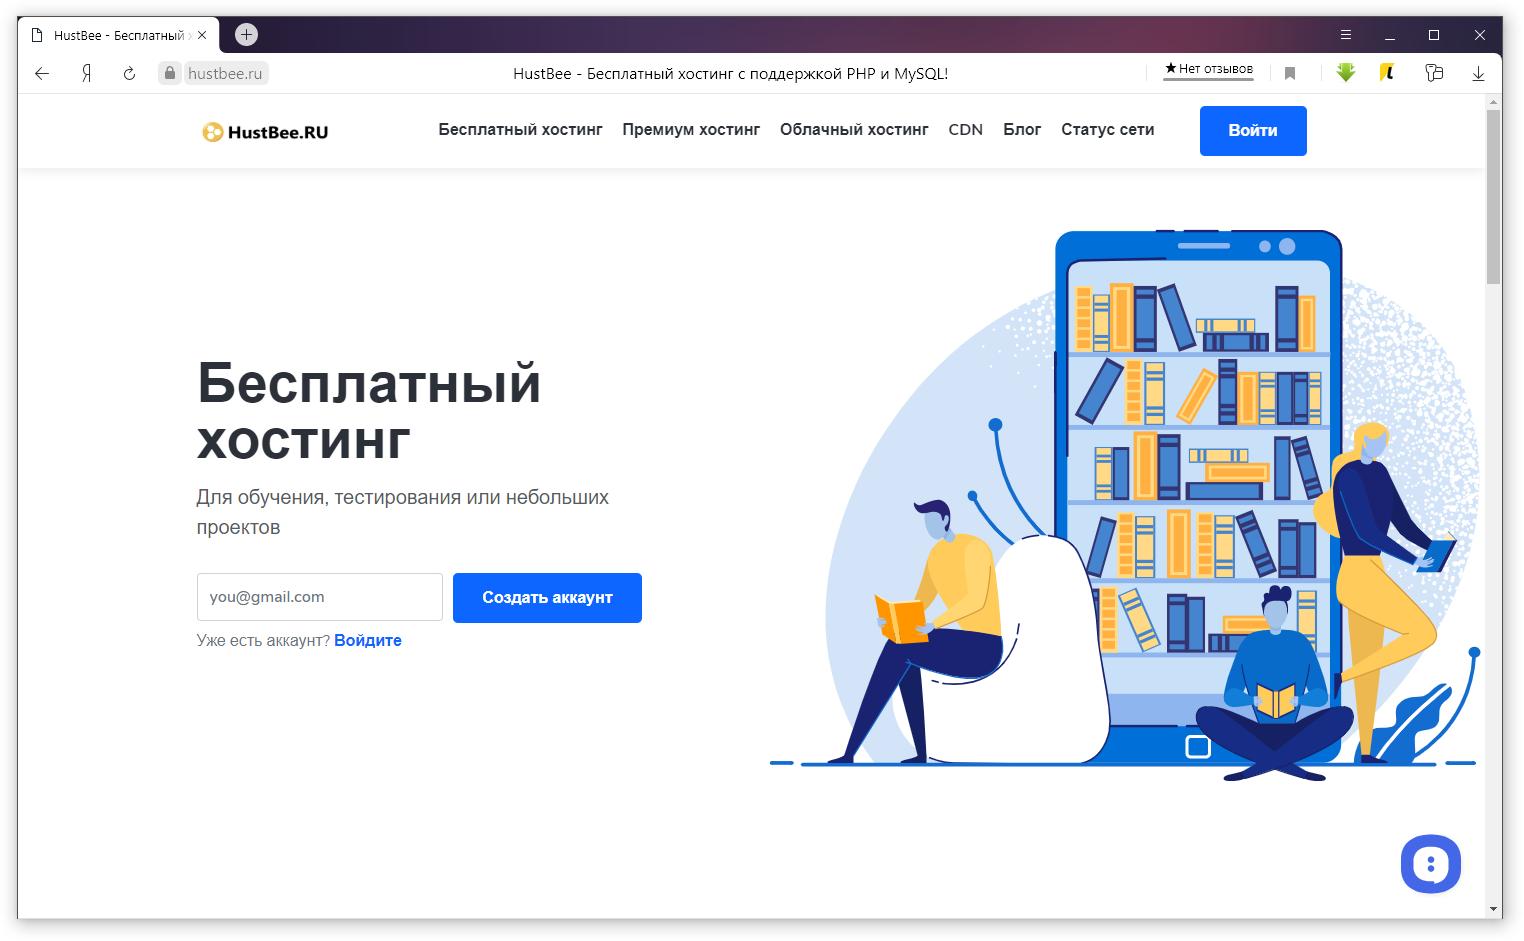 Бесплатный хостинг https://ru.tophosts.net/